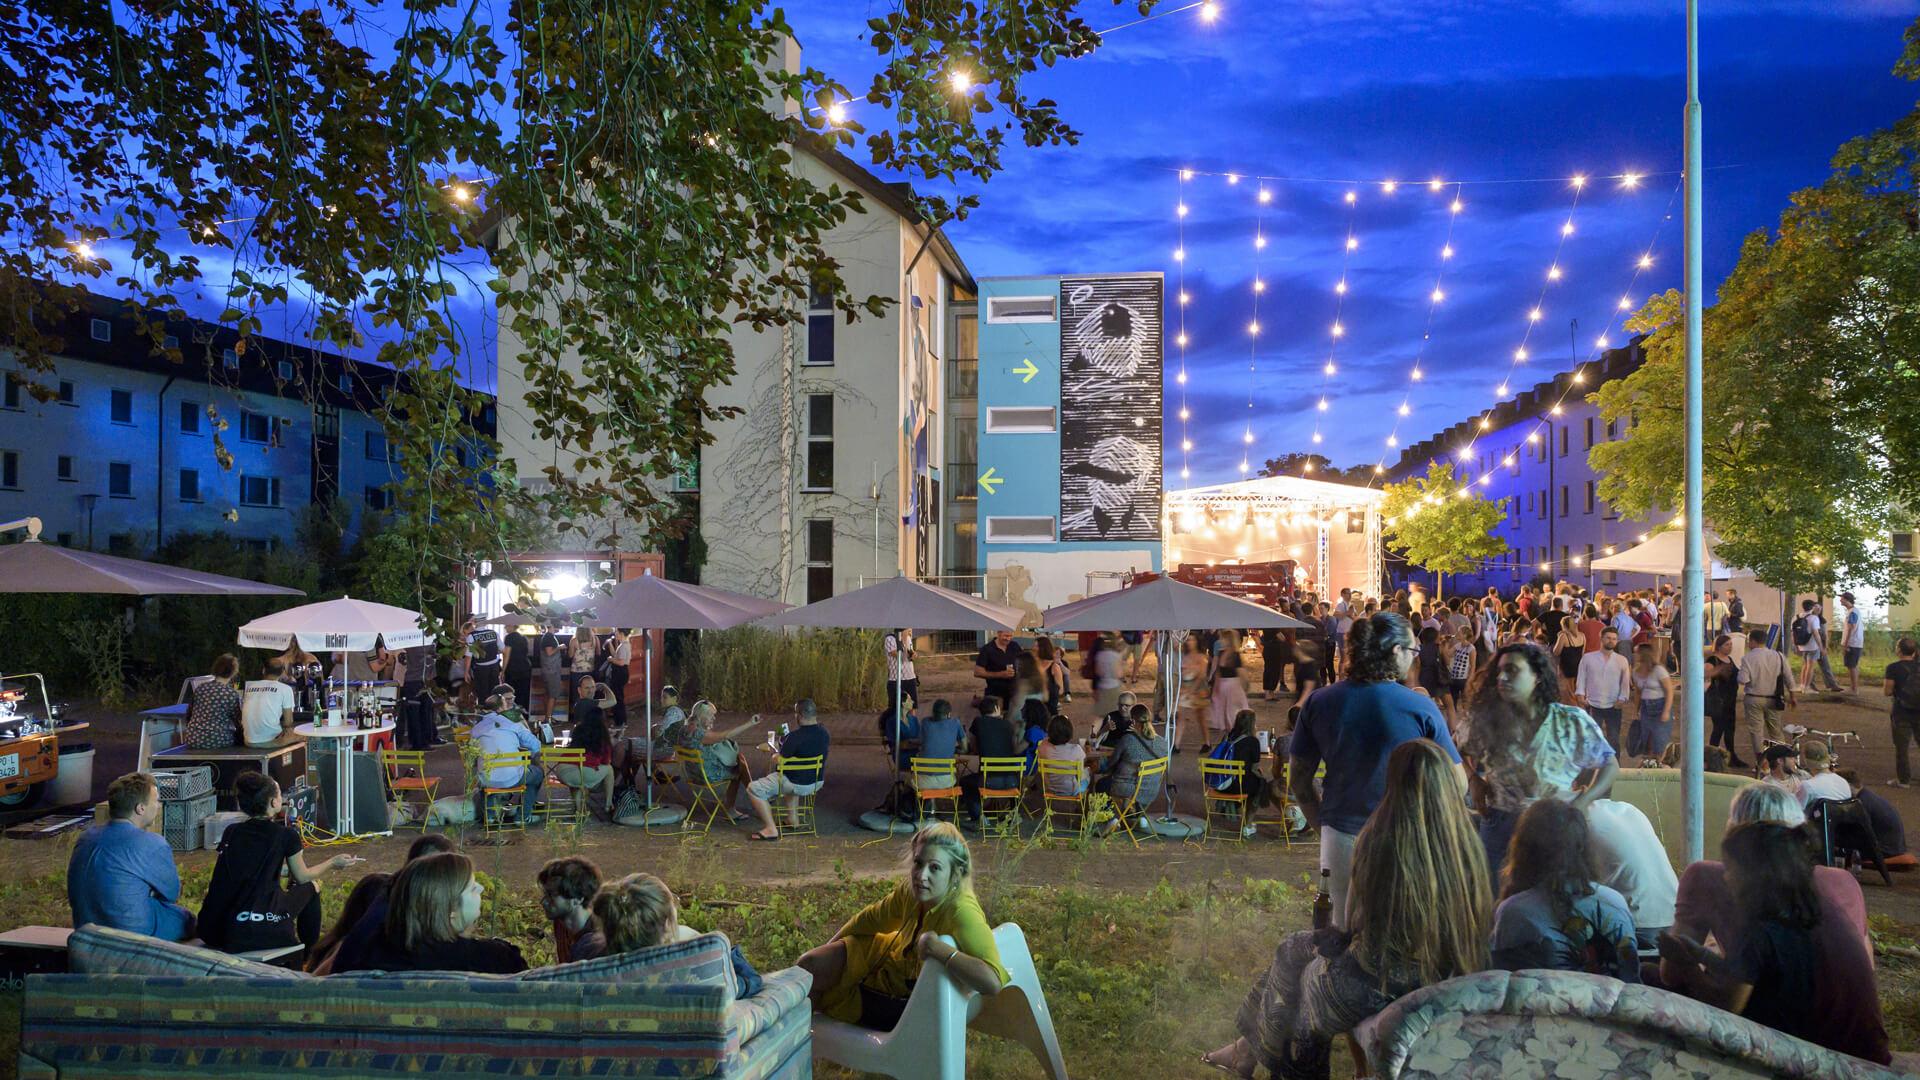 August 2020: Mit Live-Musik, Installationen und Urban Art zieht Metropolink im Corona-Sommer ein großes Festivalpublikum an. Dank eines ausgefeilten Hygienekonzepts konnte das Festival im südlichen Teil von PHV stattfinden. © Rothe